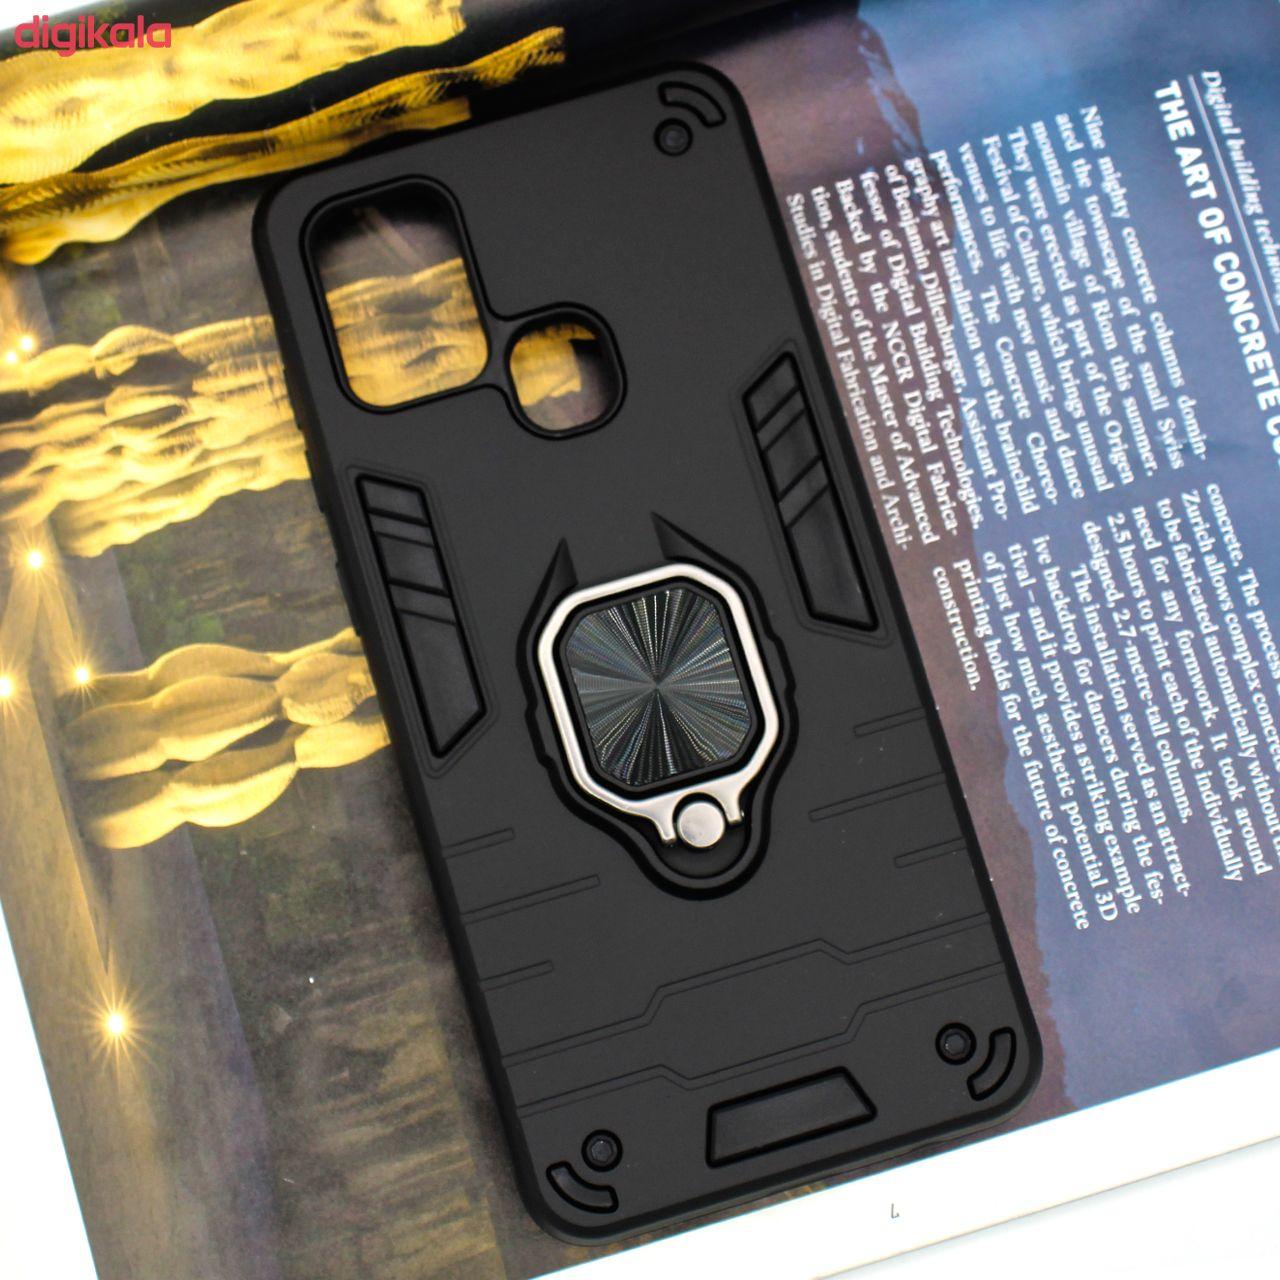 کاور لاین کینگ مدل ASH22 مناسب برای گوشی موبایل سامسونگ مدل Galaxy A21S main 1 7